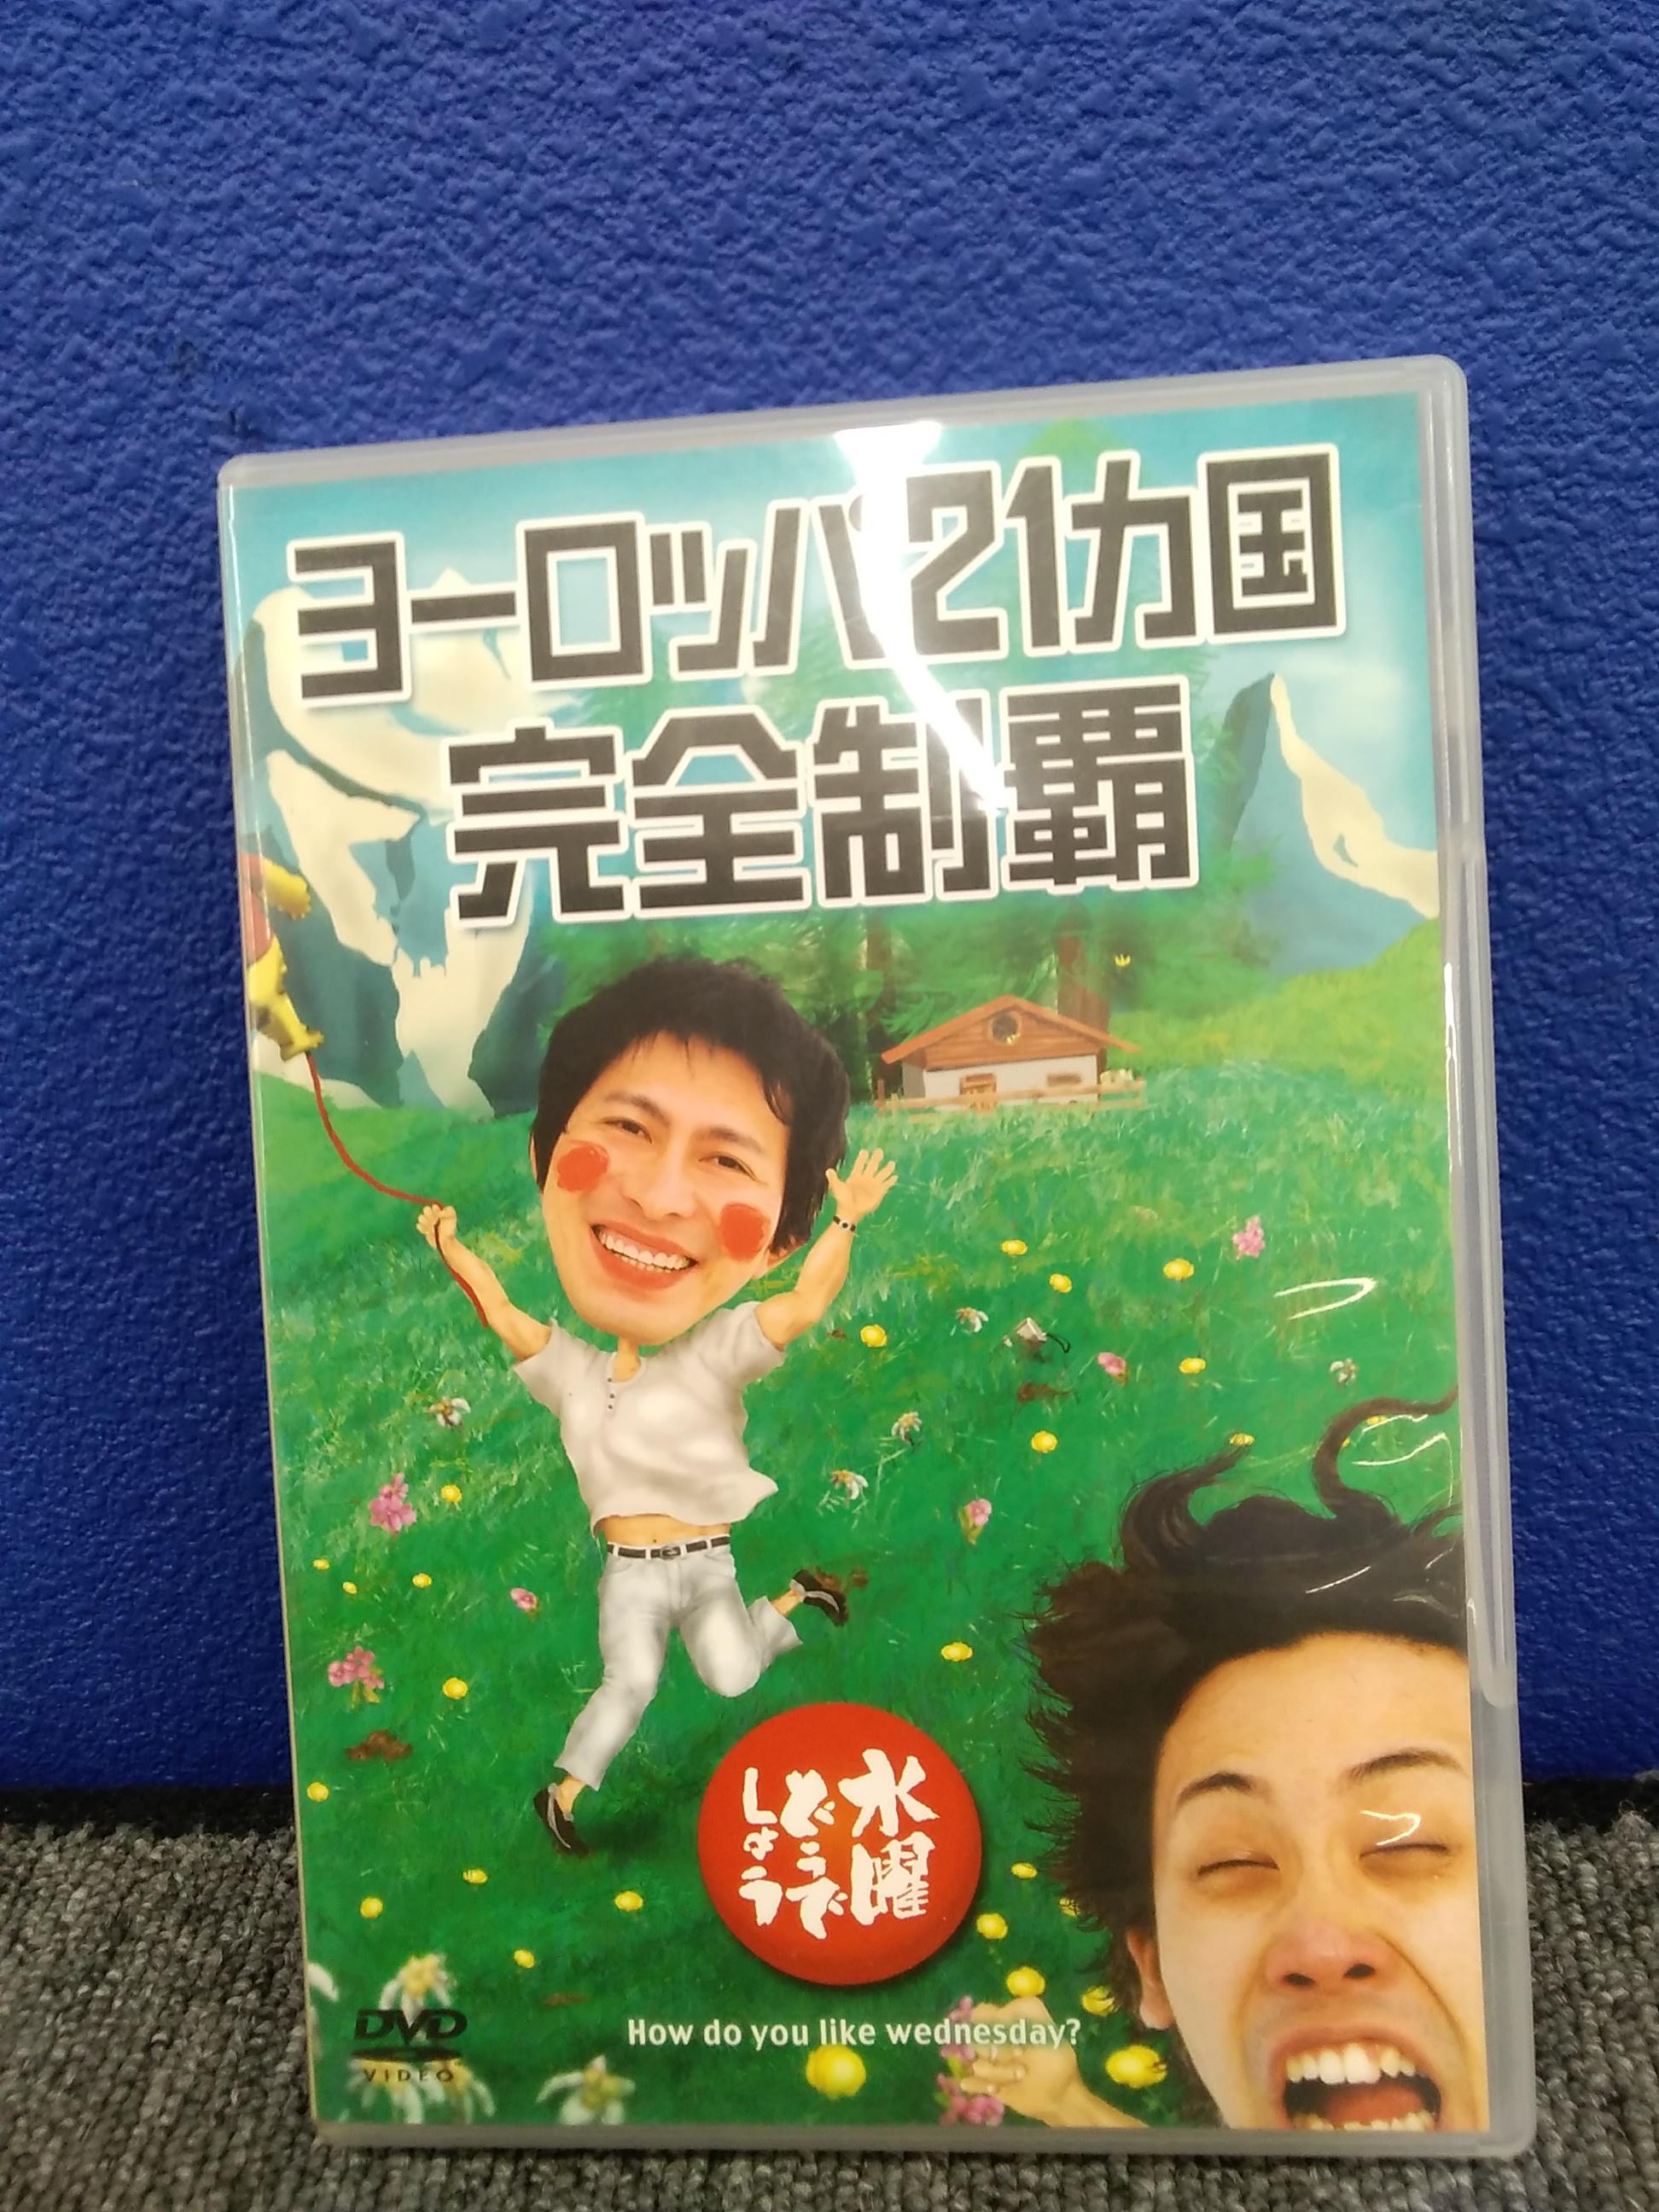 水曜どうでしょう 第7弾|HTB 北海道テレビ